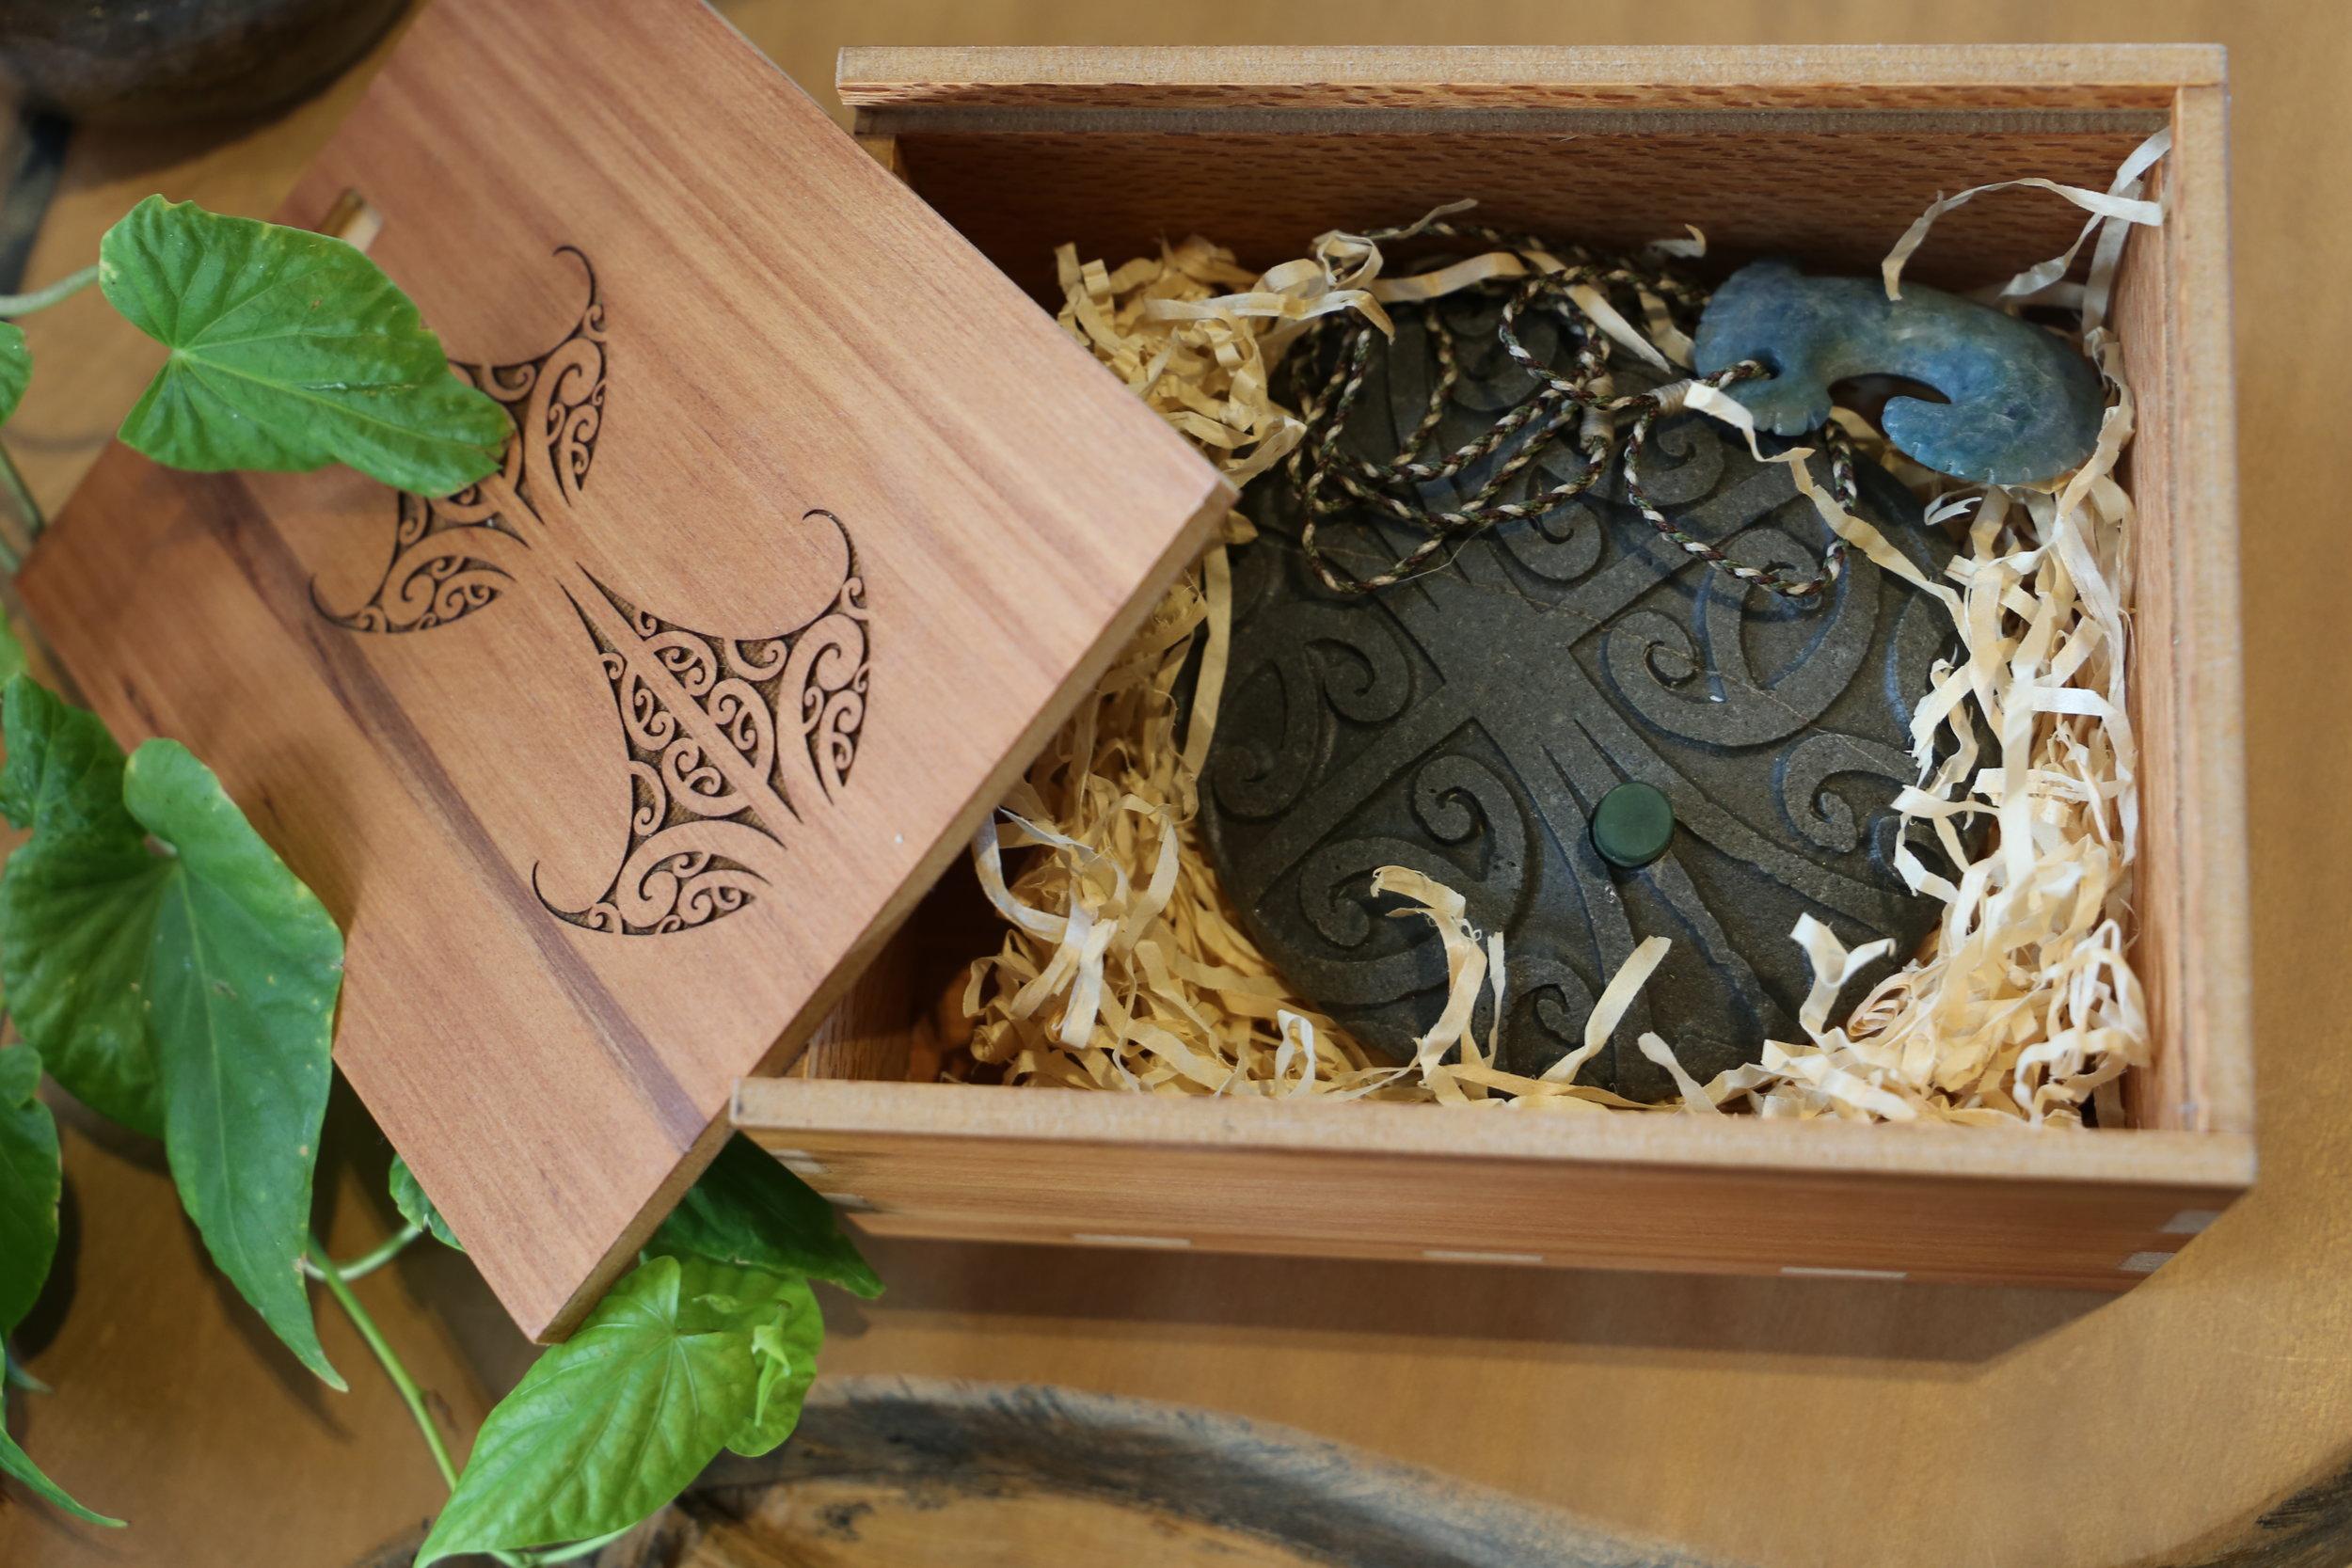 The Kahui Whetu presented to Dr Menzies. Photo credit: Mapihi Martin-Paul, Nga Aho.